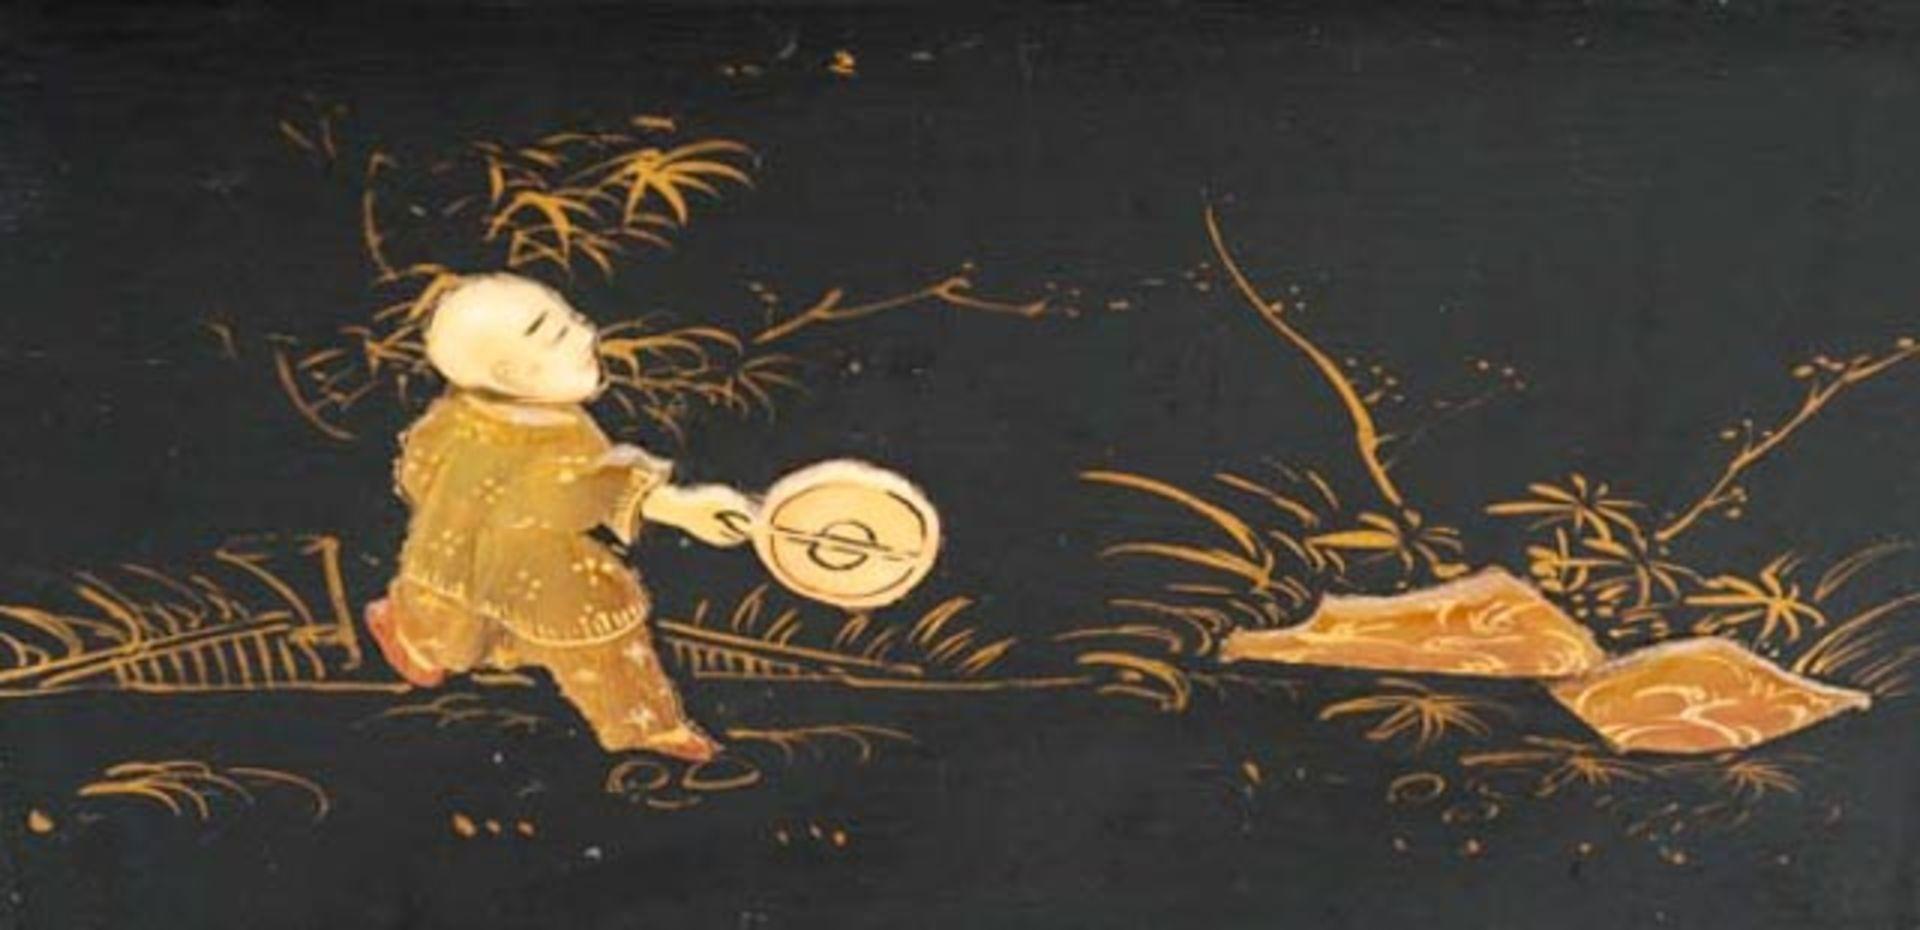 Prunkvolle asiatische Truhe - Image 10 of 17